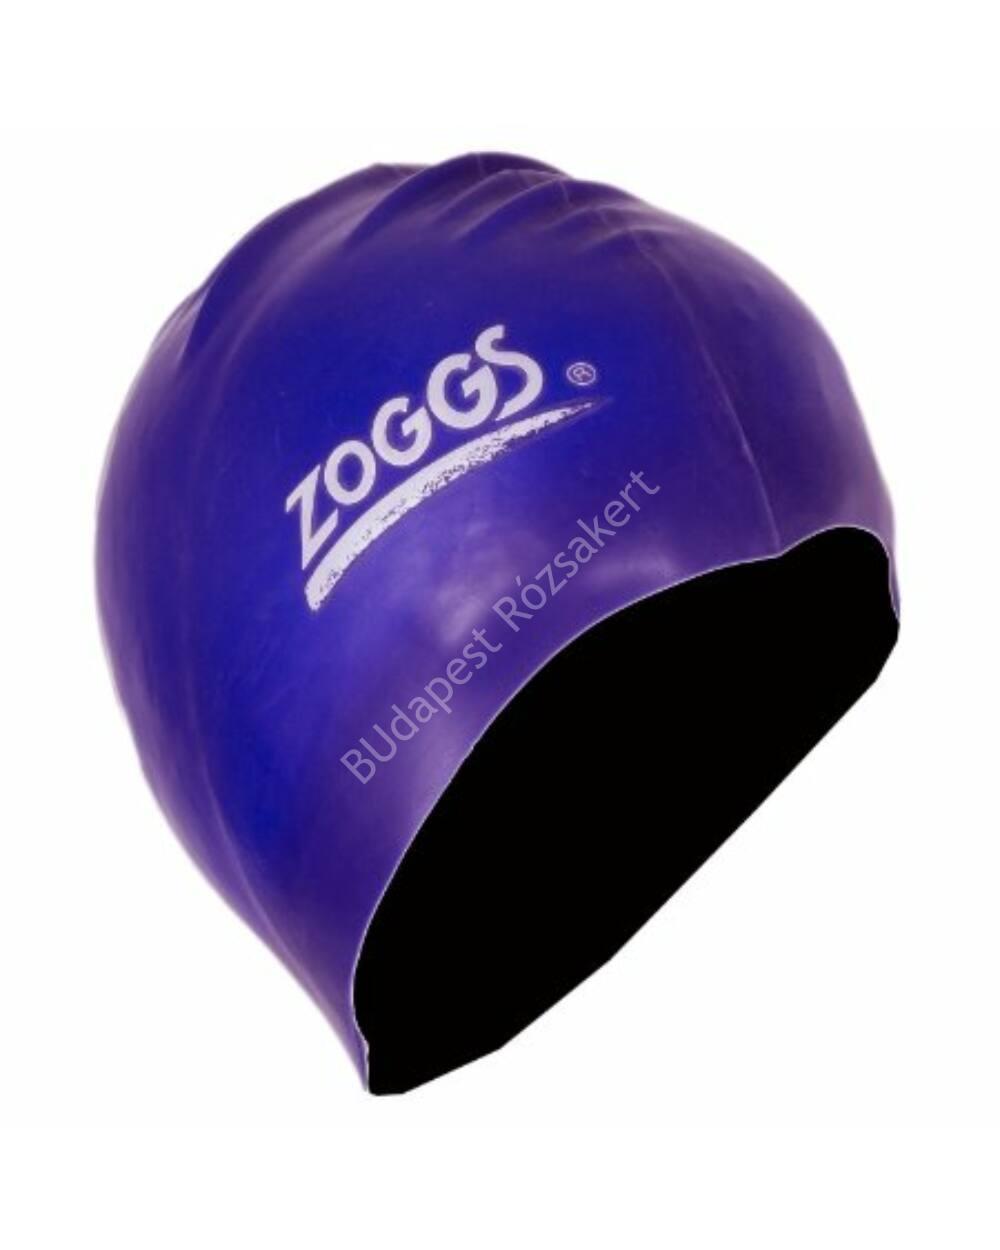 Zoggs silicone felnőtt úszósapka, sötétkék